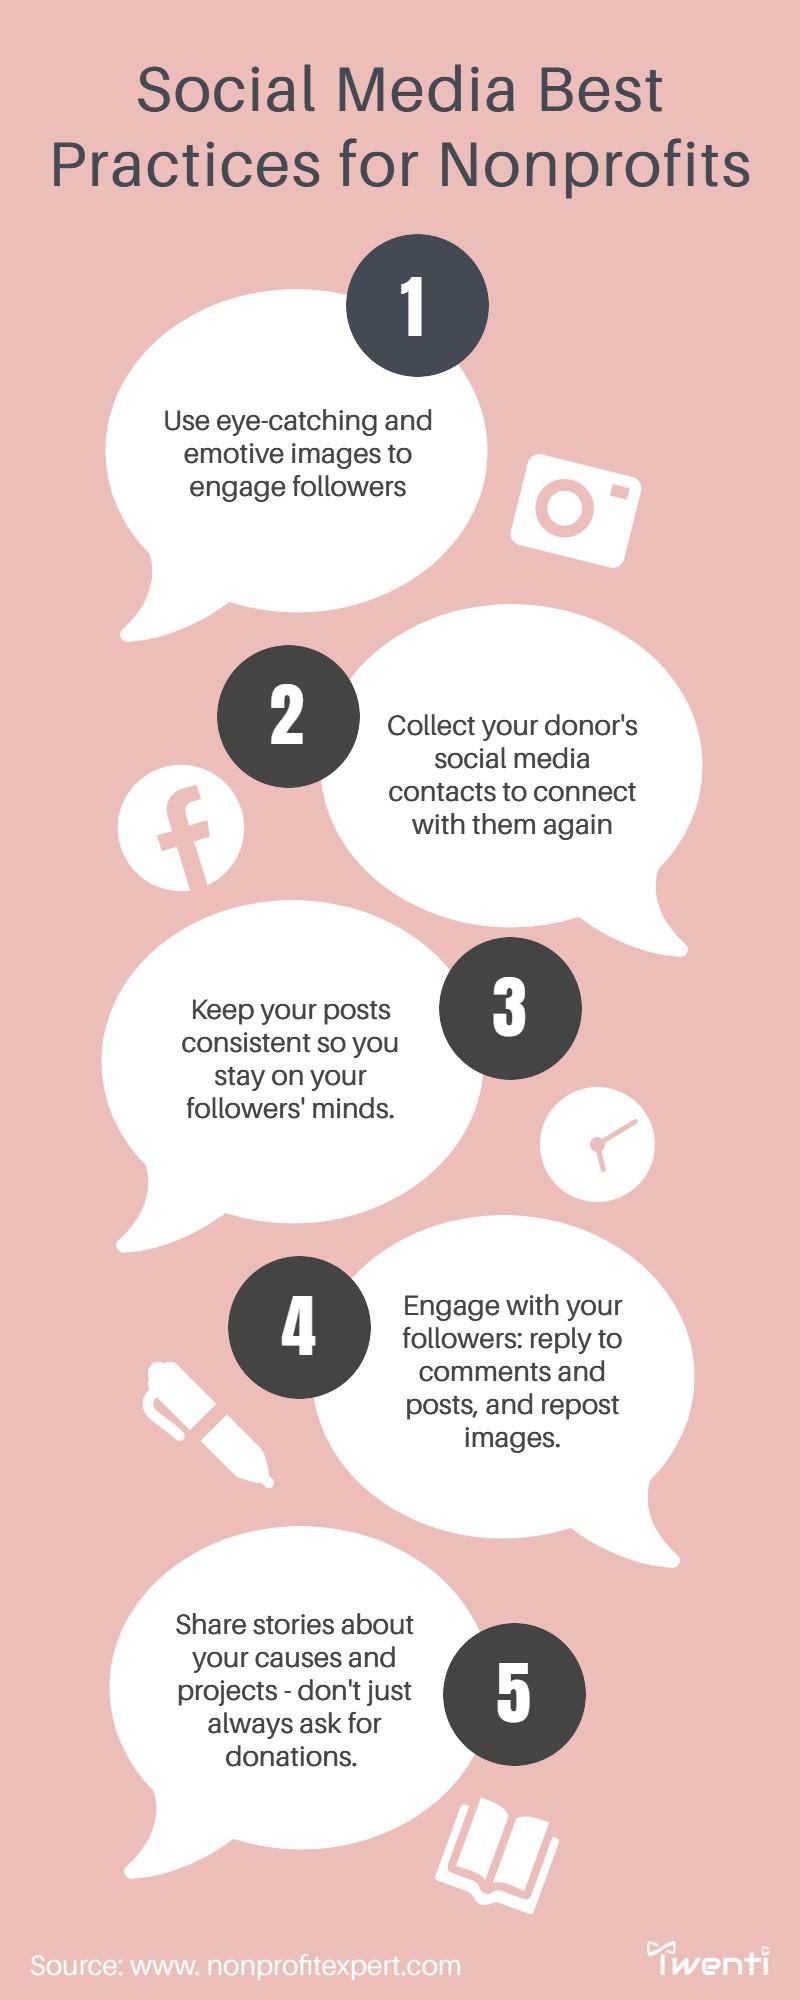 5 Social Media Tips